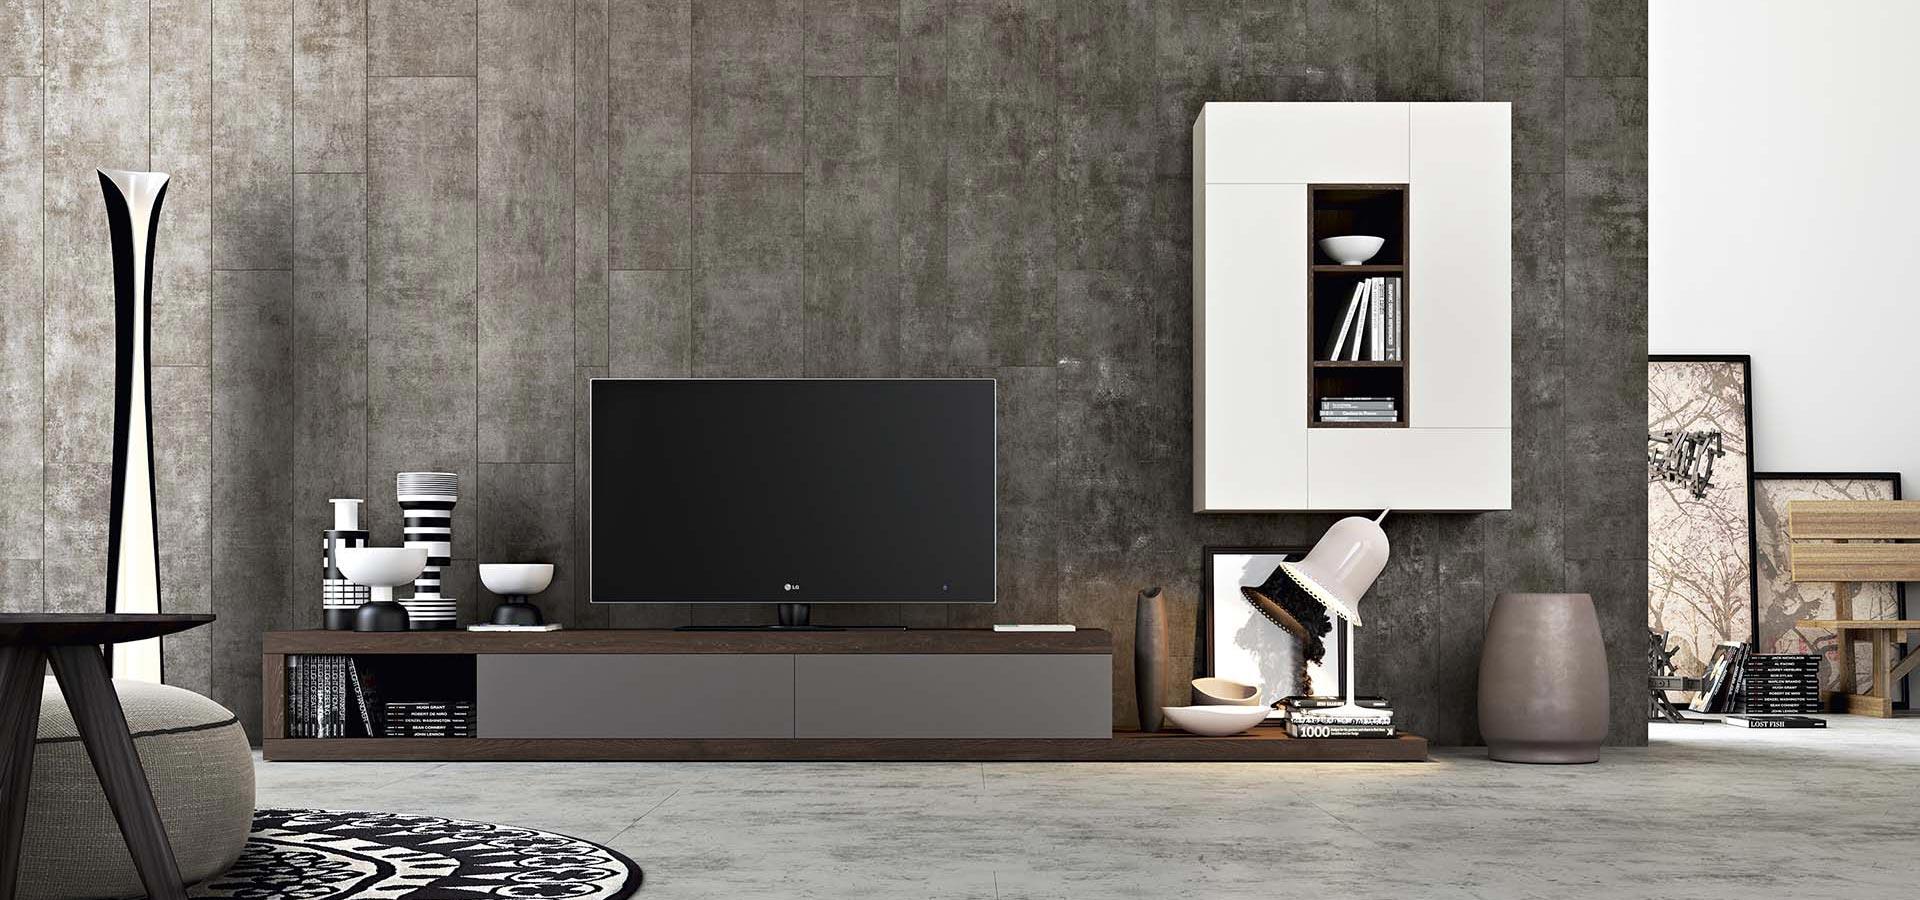 Kali 3 living room tv stand arredo3 for Arredo 3 srl legnago